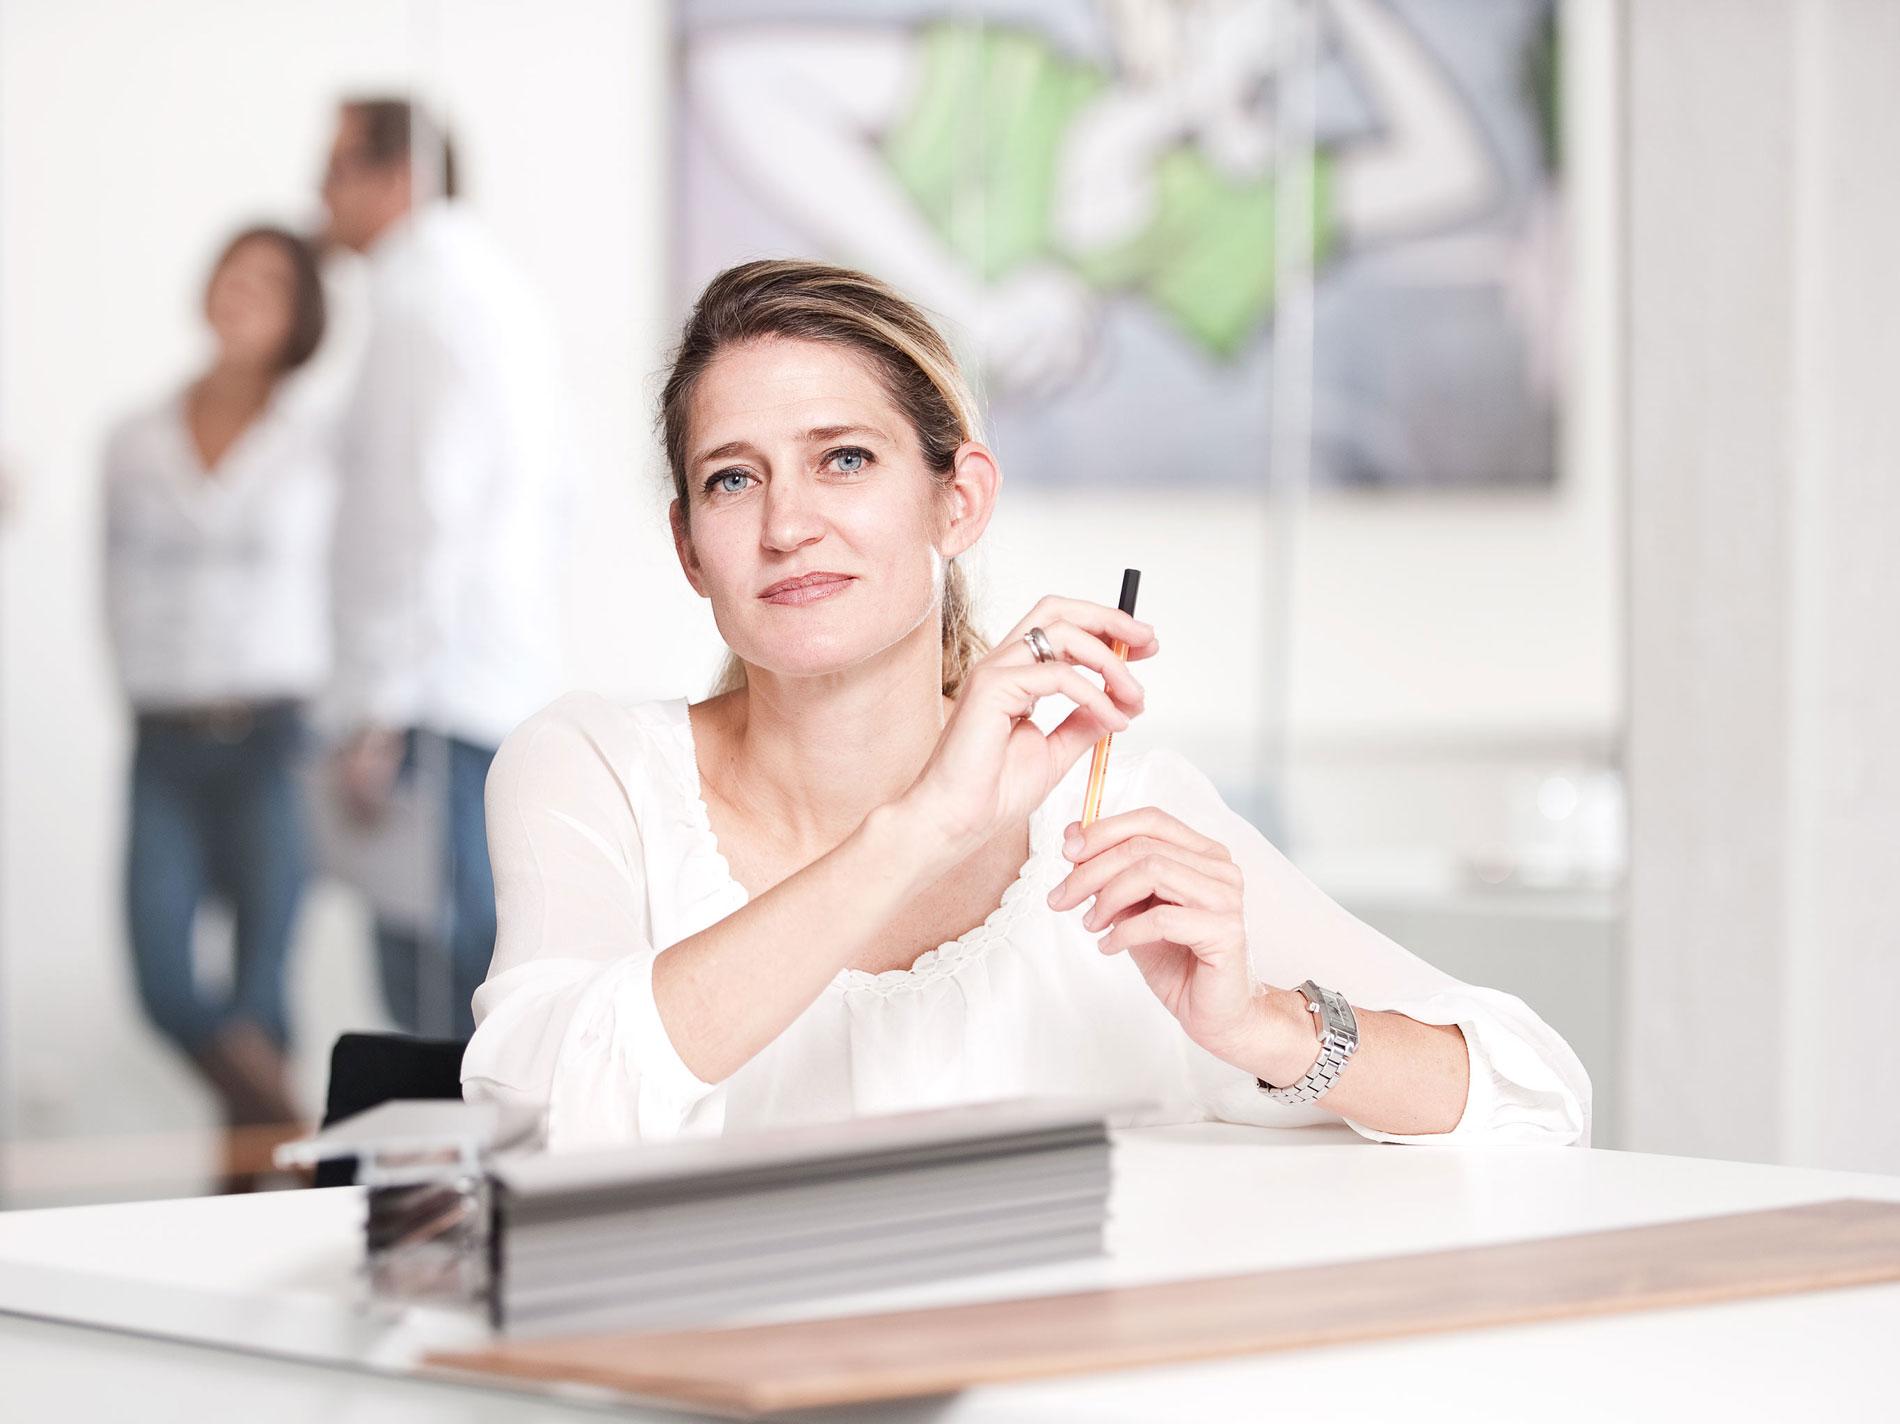 Gestaltung; Arbeit; Kommunikation; Werbung; Unternehmenskommunikation, Werbeagentur Foto Pingel